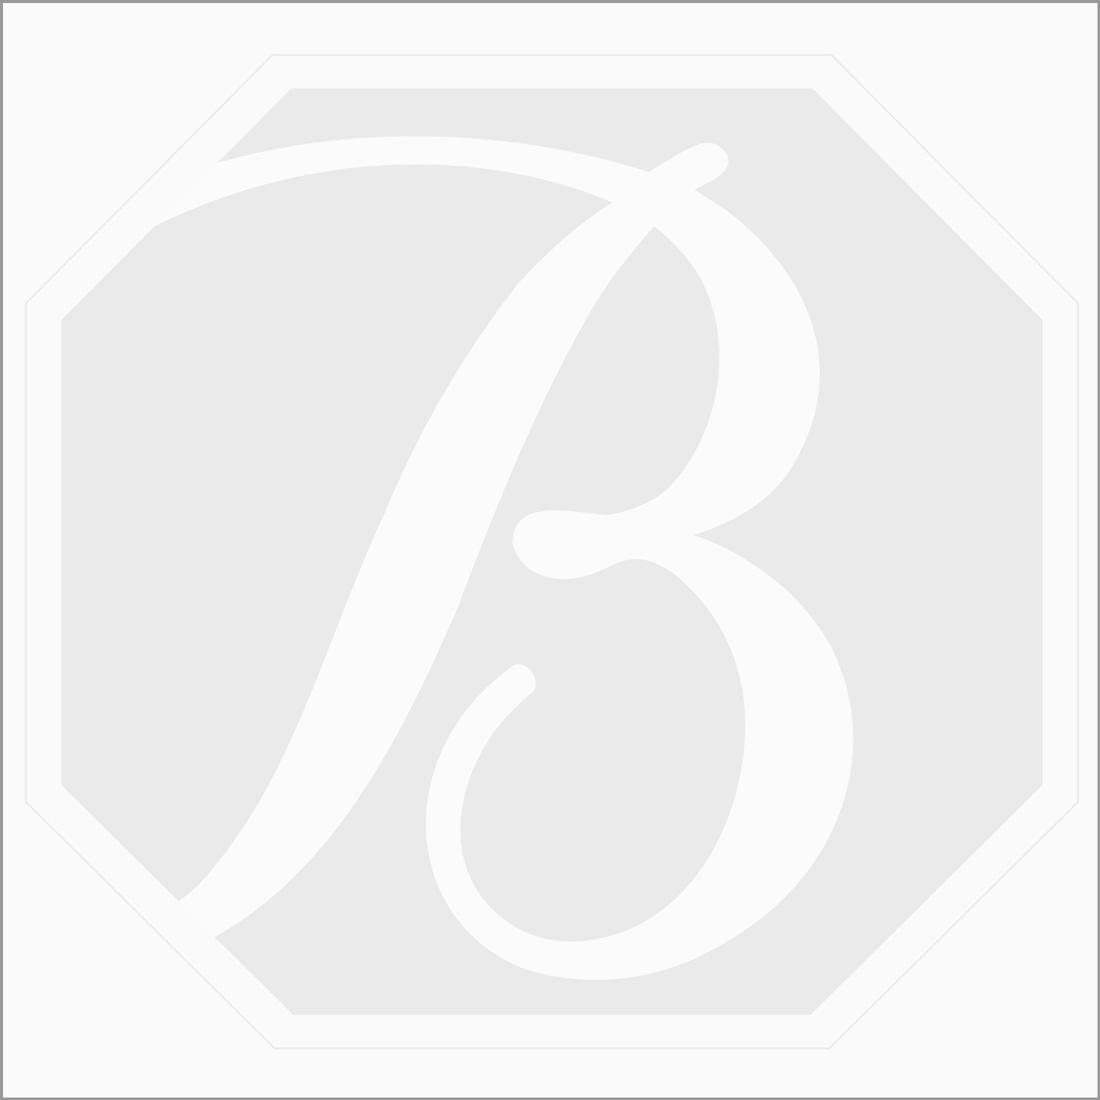 2 Pc. White Diamond Briolette - 2.7 ct. - 8.5 x 4.5 x 3.8 mm to 8.2 x 4.5 x 4 mm (DBR1004)